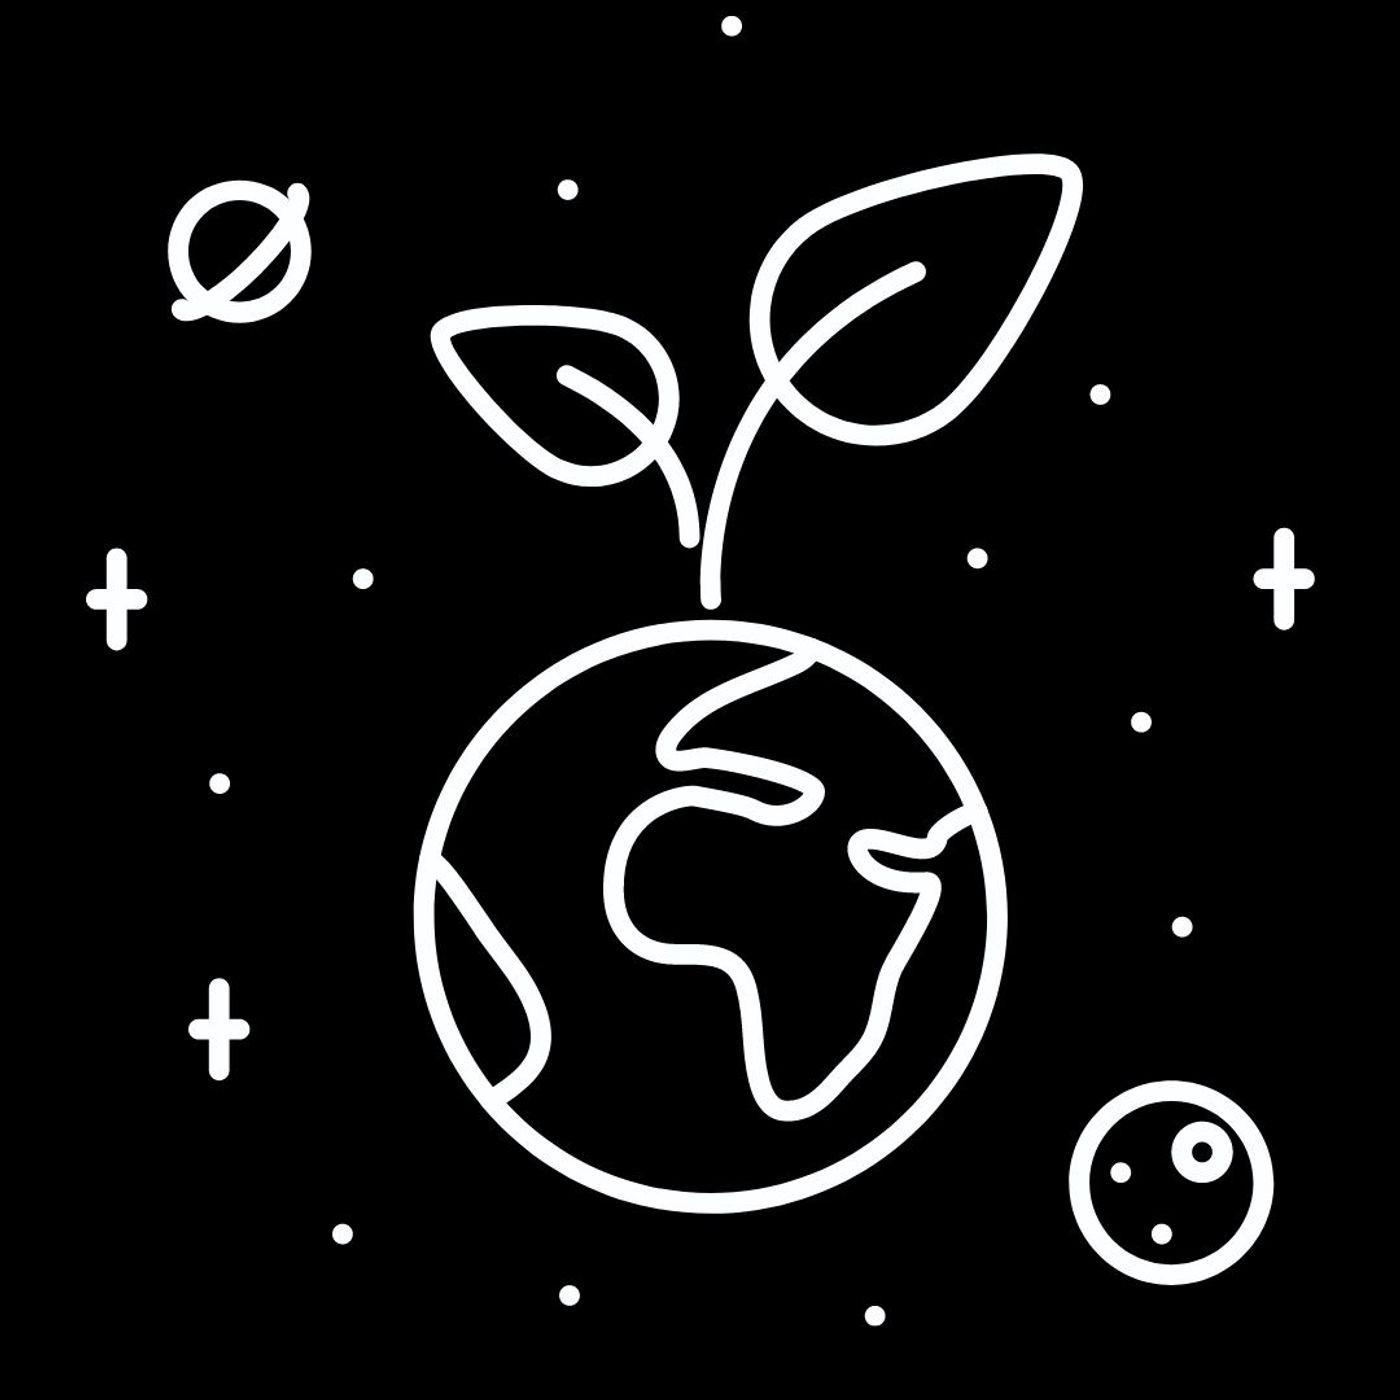 החלל הירוק [עושים חלל]